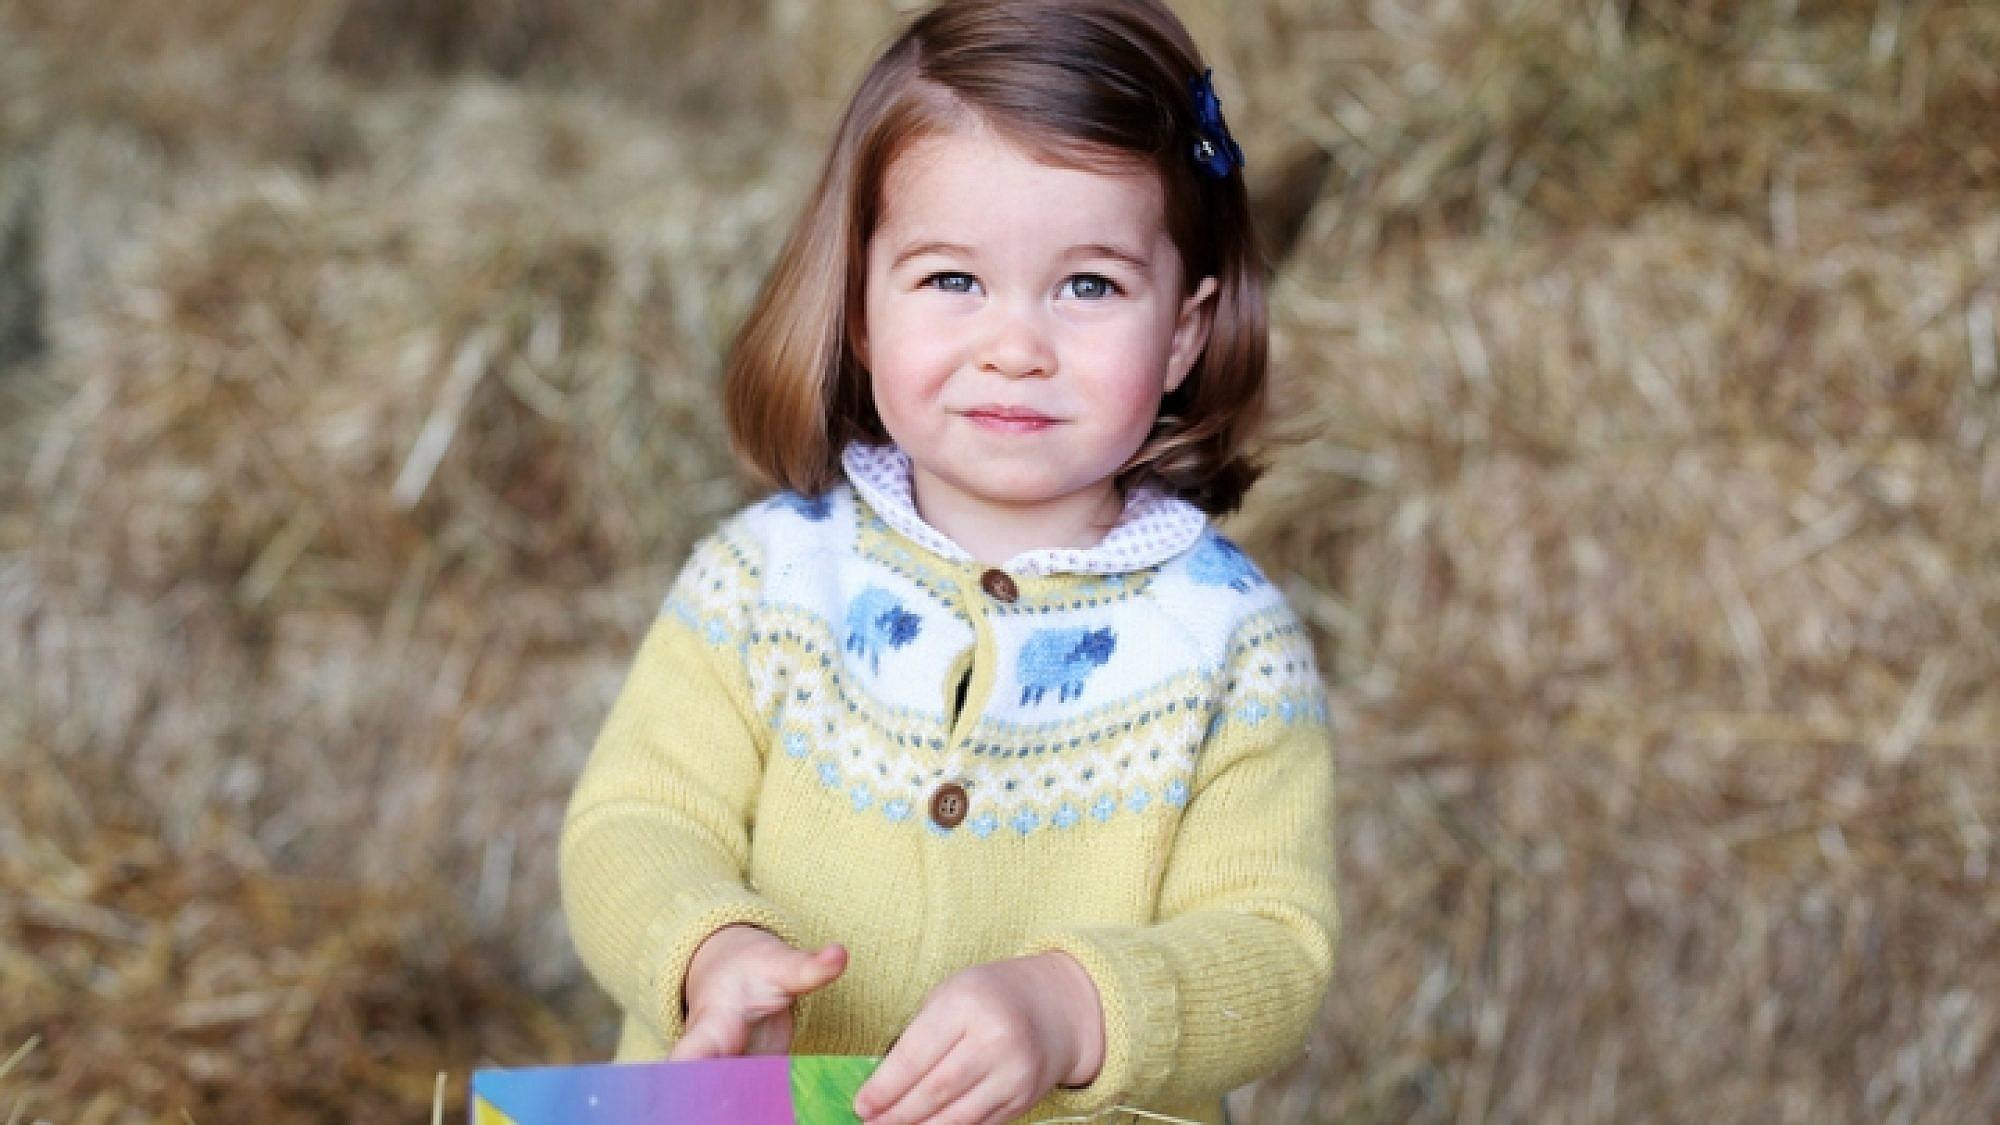 כבר ילדה גדולה: הנסיכה שרלוט | צילום: Gettyimages